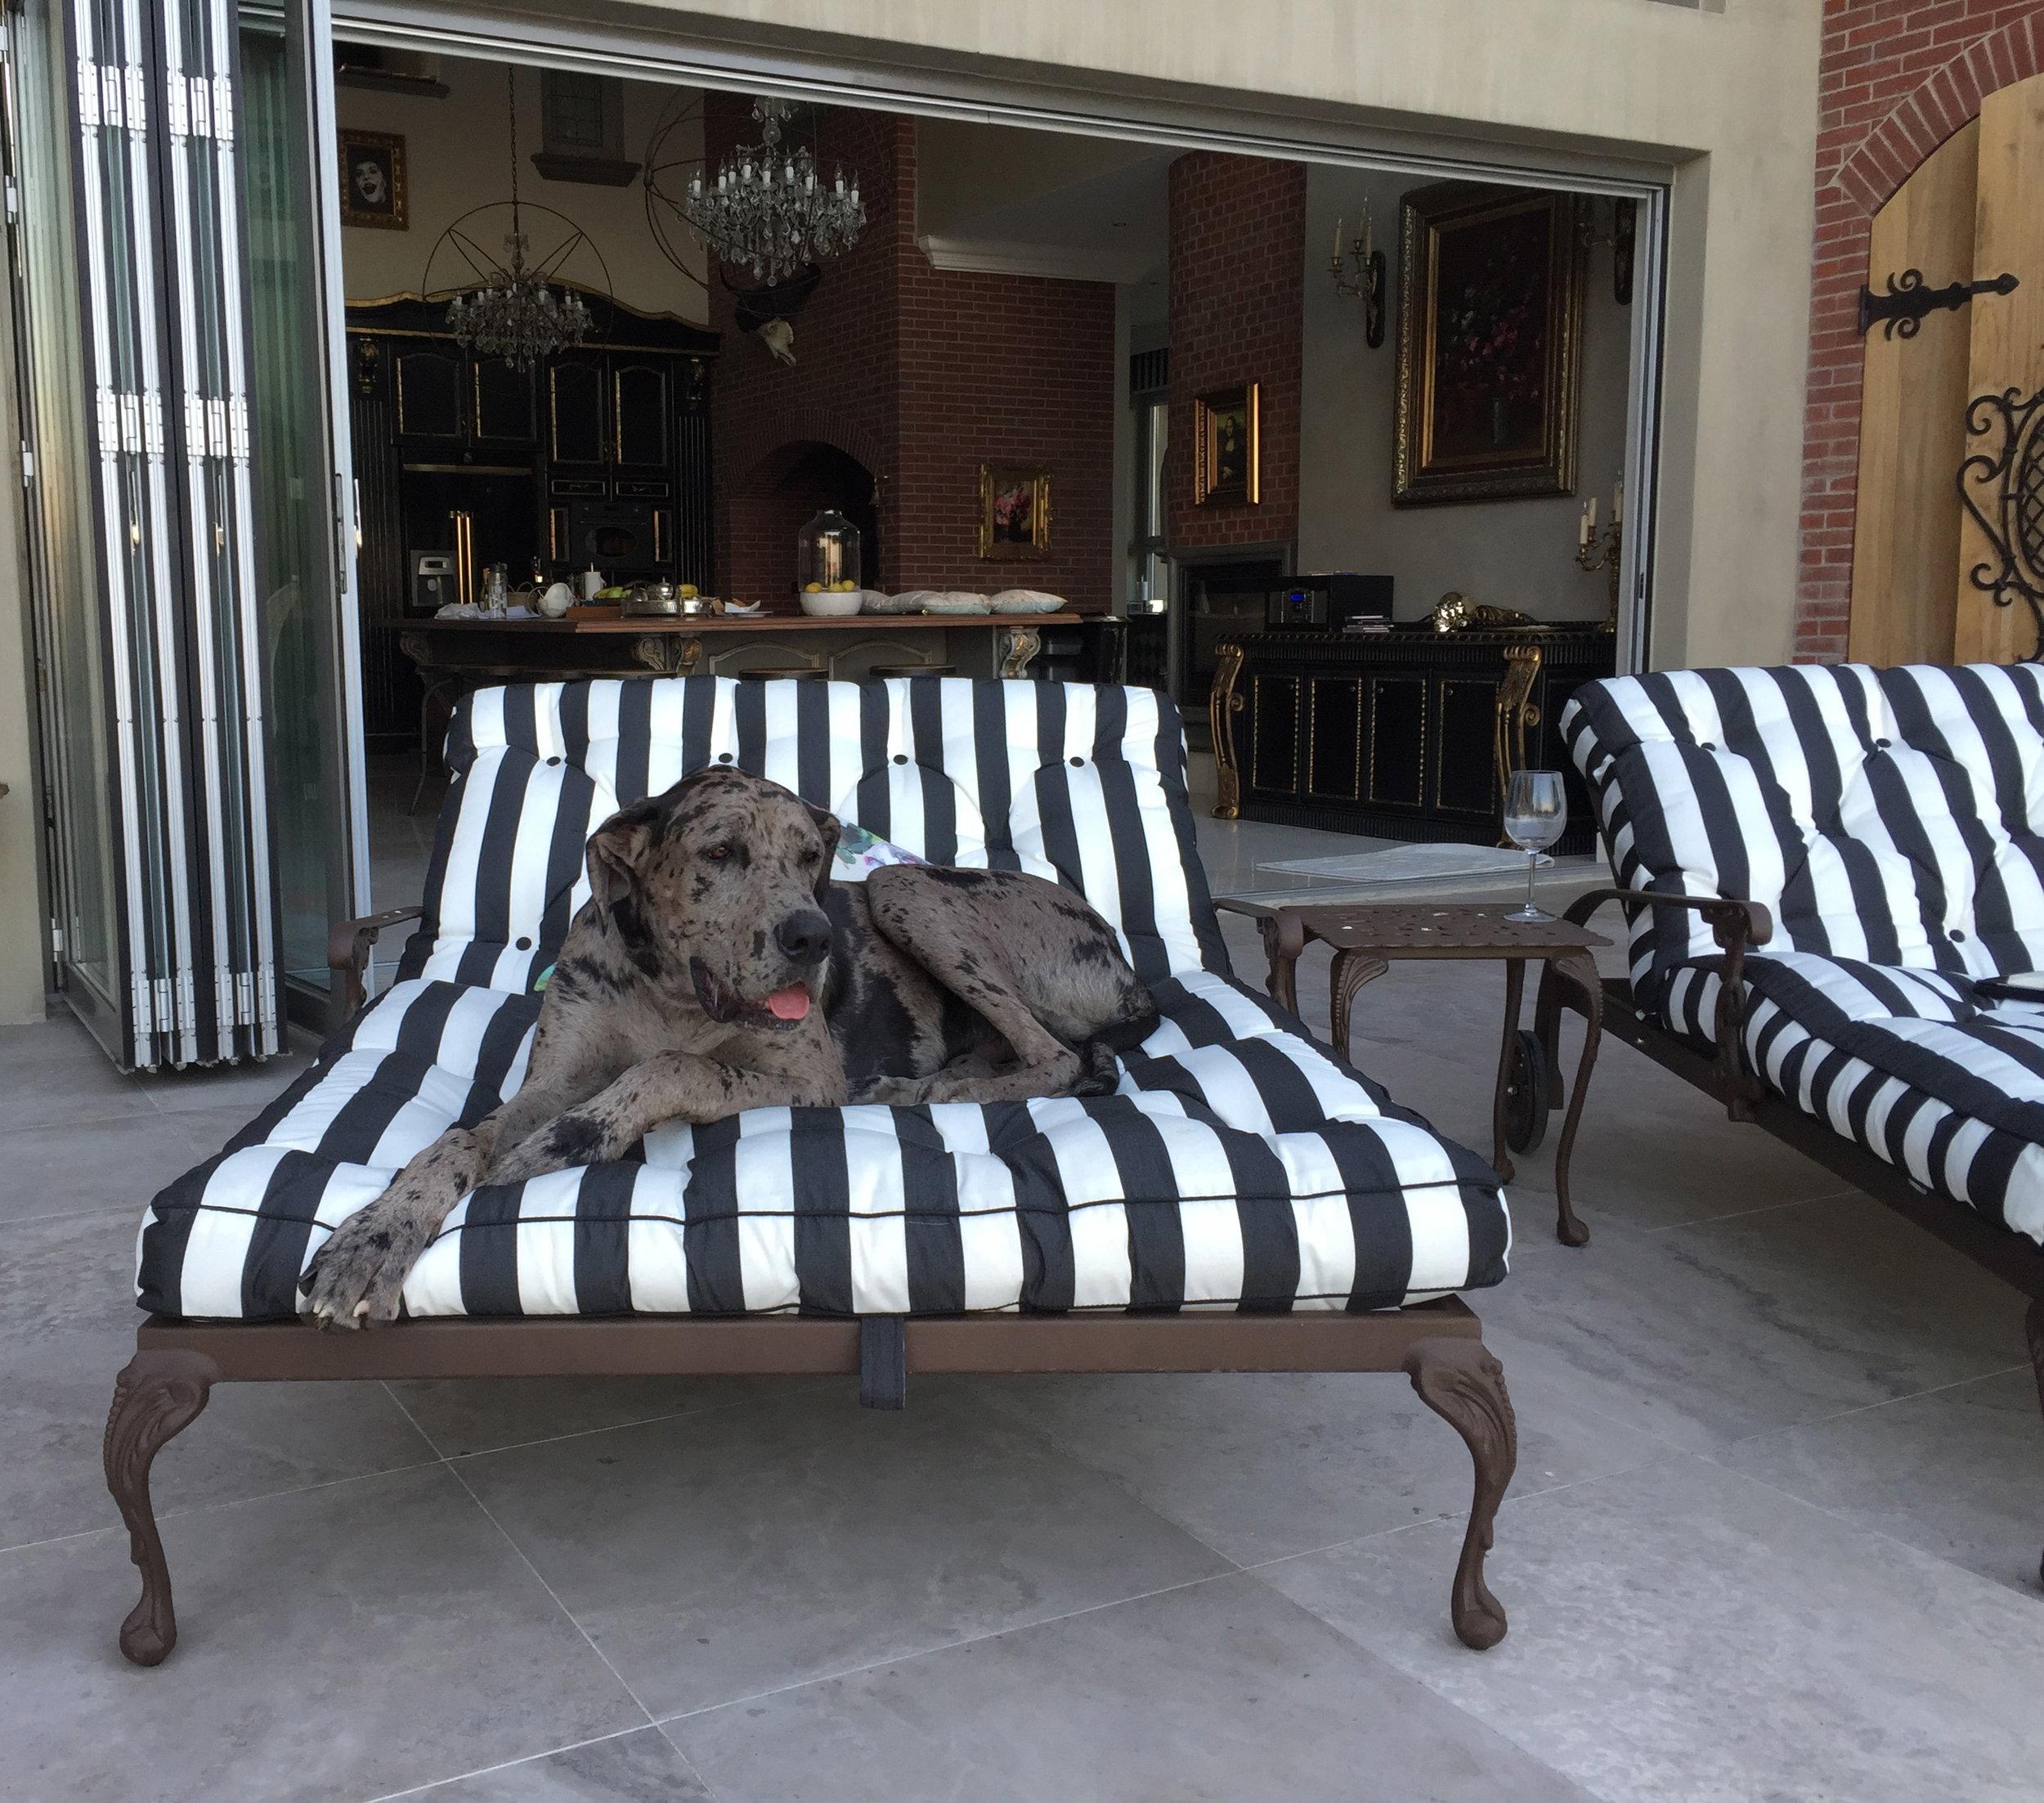 St tropez double sun lounger / chaise